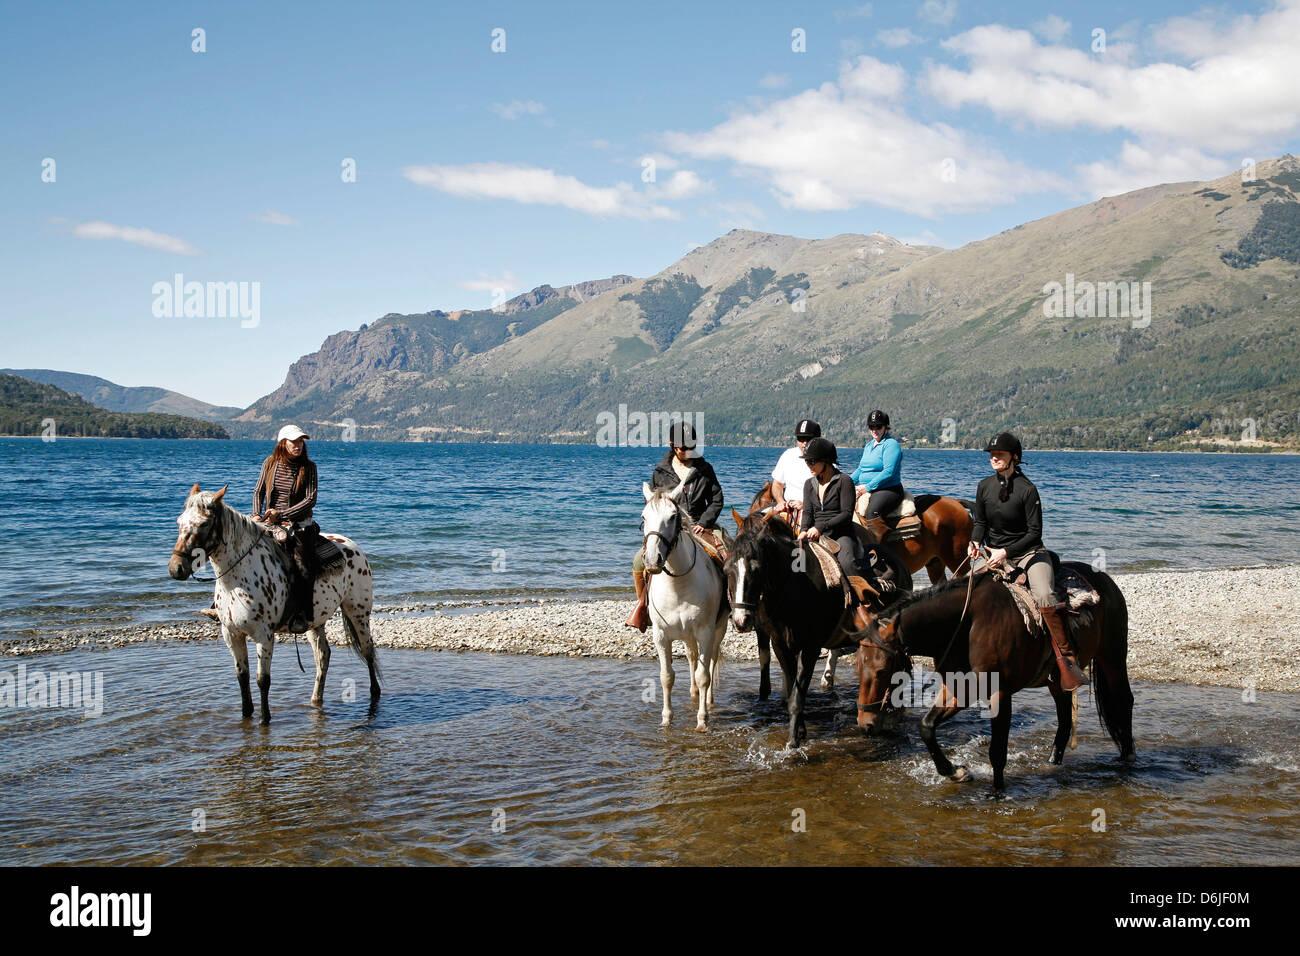 Paseos a caballo por Guttierez Lago en la Estancia Peuma Hue, Patagonia, Argentina, Sudamérica Foto de stock